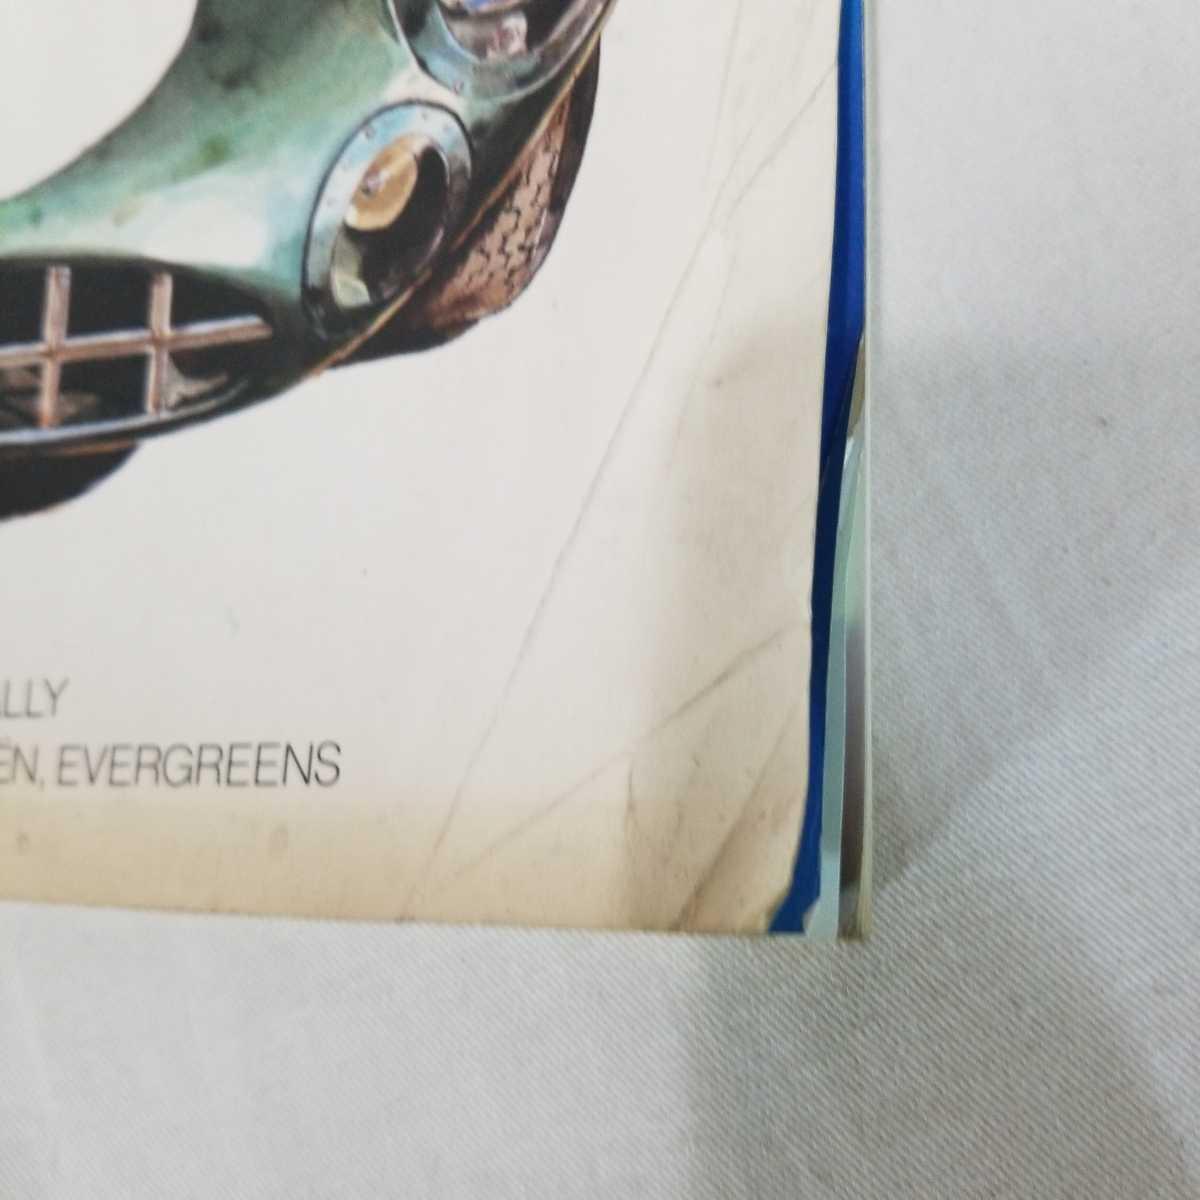 スクランブル・カー・マガジン SCRAMBLE CAR MAGAZINE 71 1986年1月号 ポルシェ ジャガー ヴィンテージ フェラーリ ベンツ_画像9